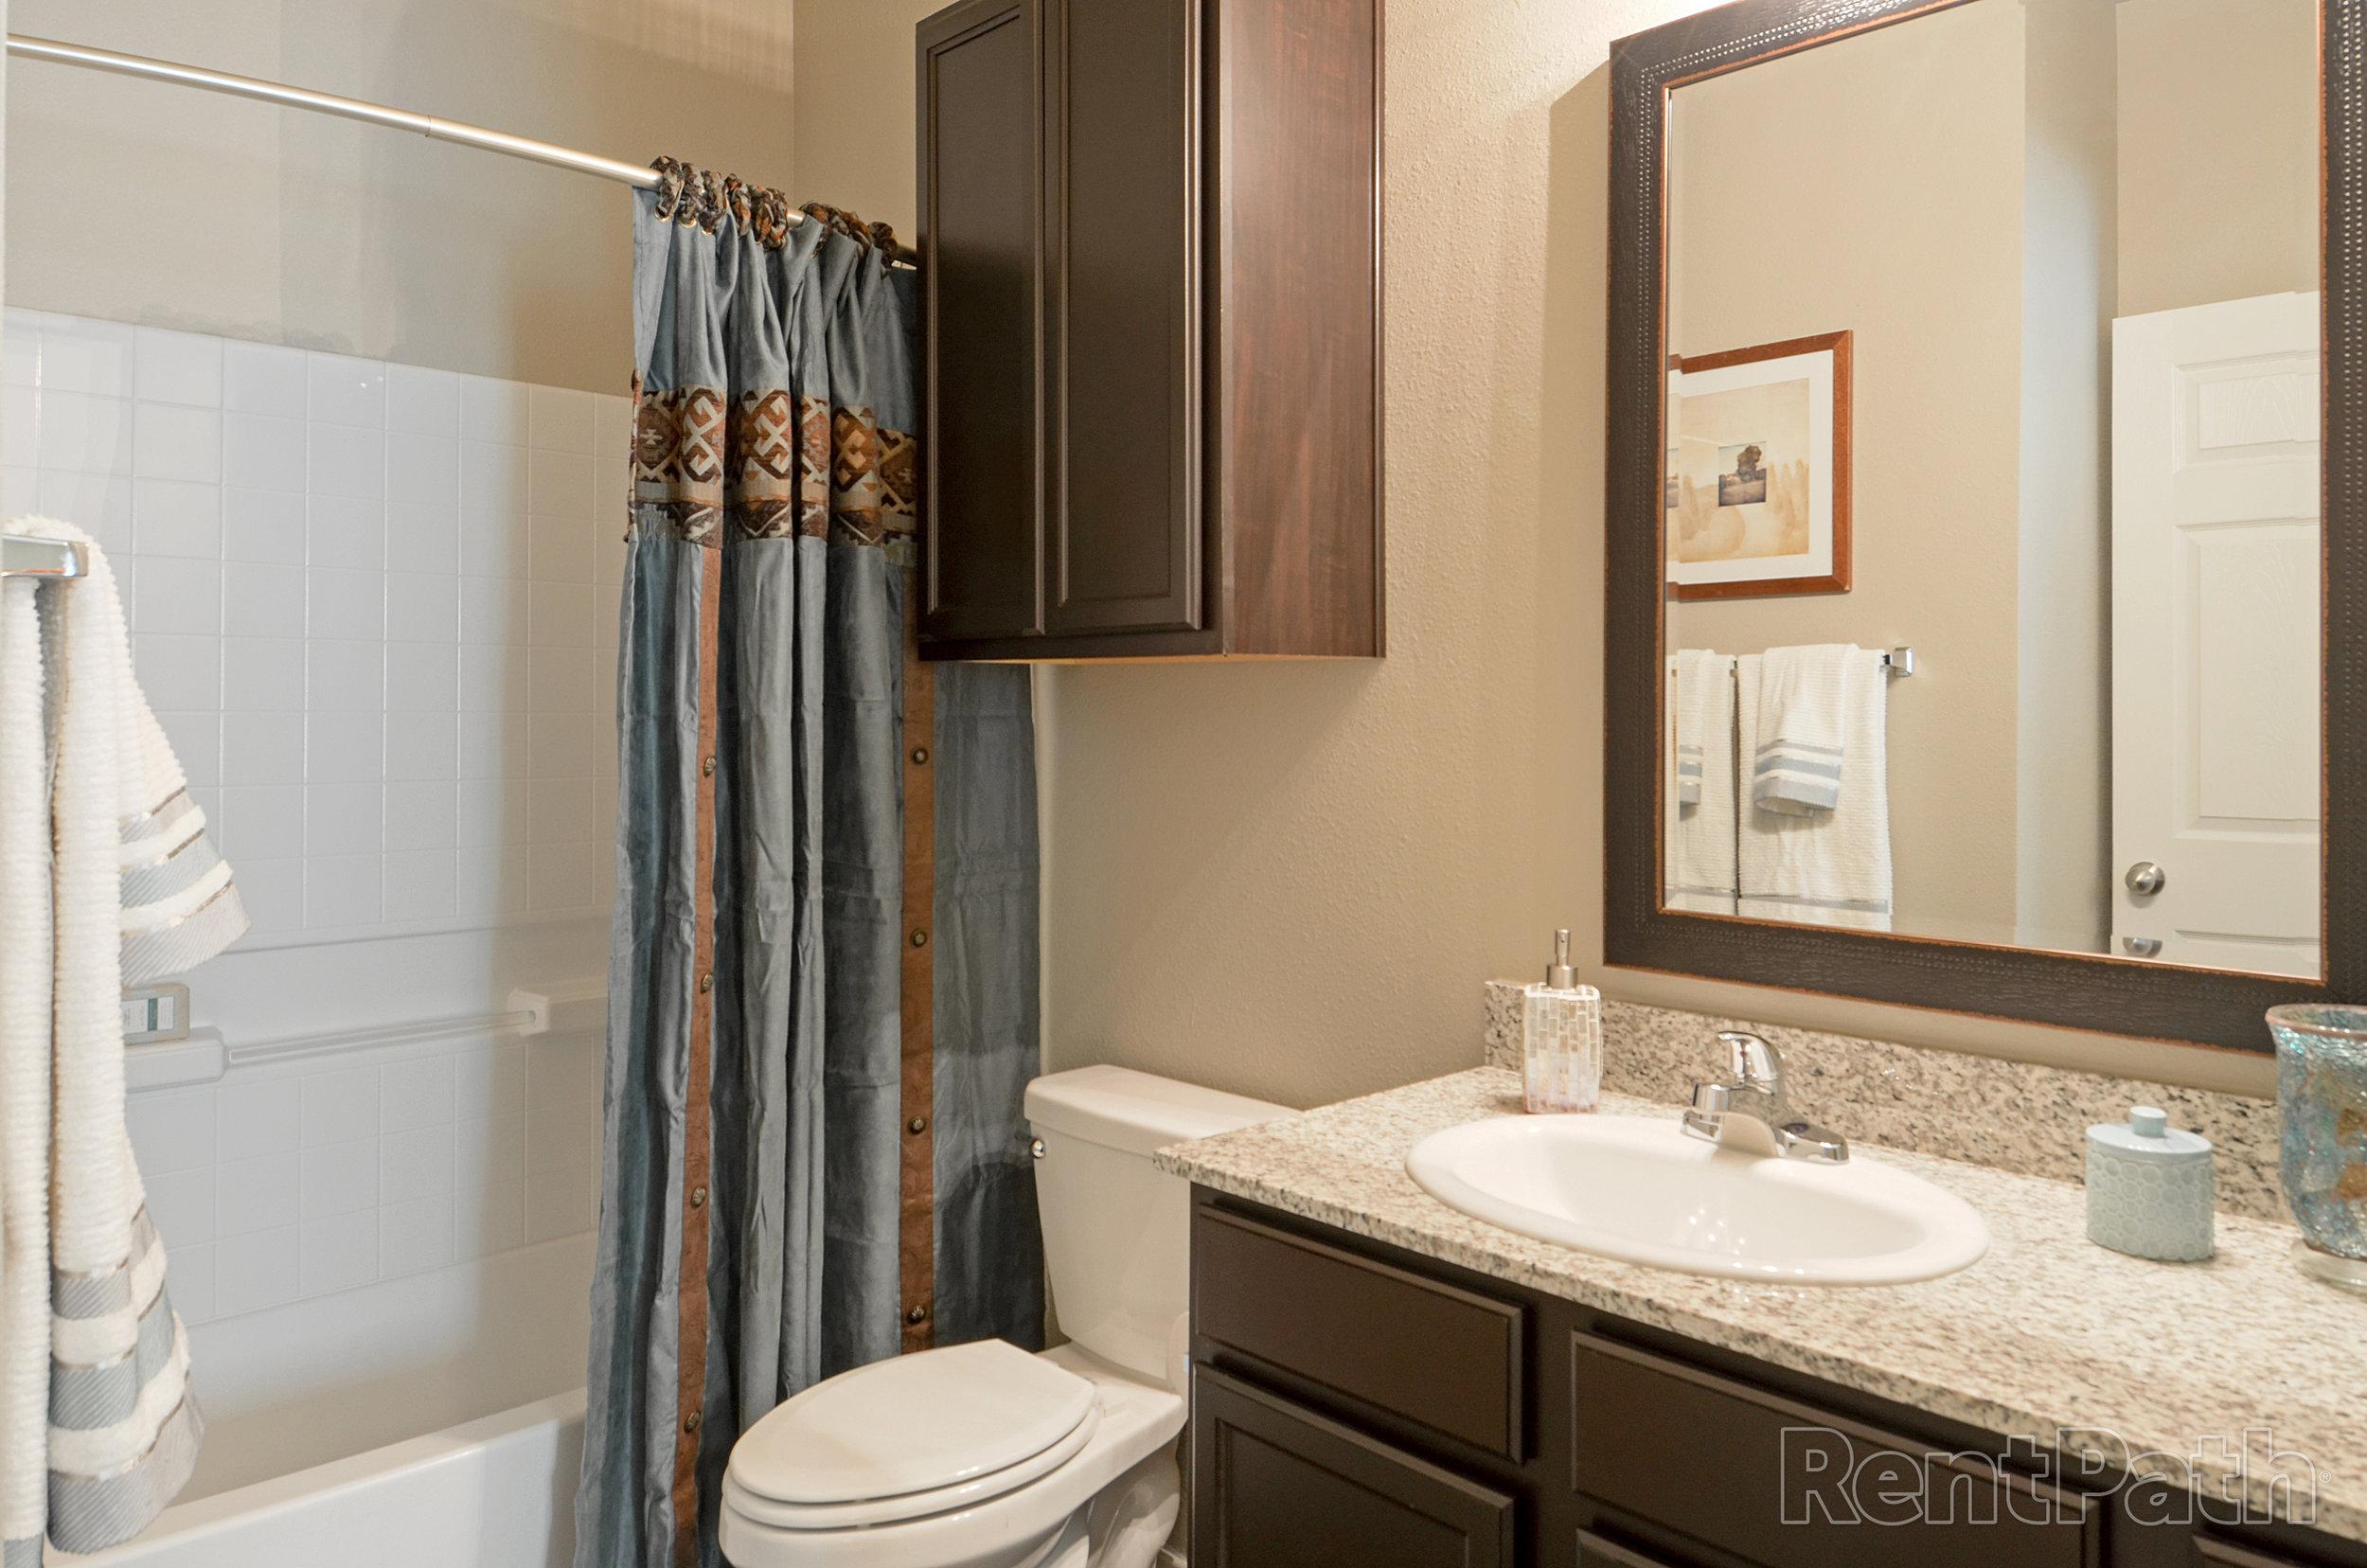 Clydesdale Floor Plan - Bedroom 2